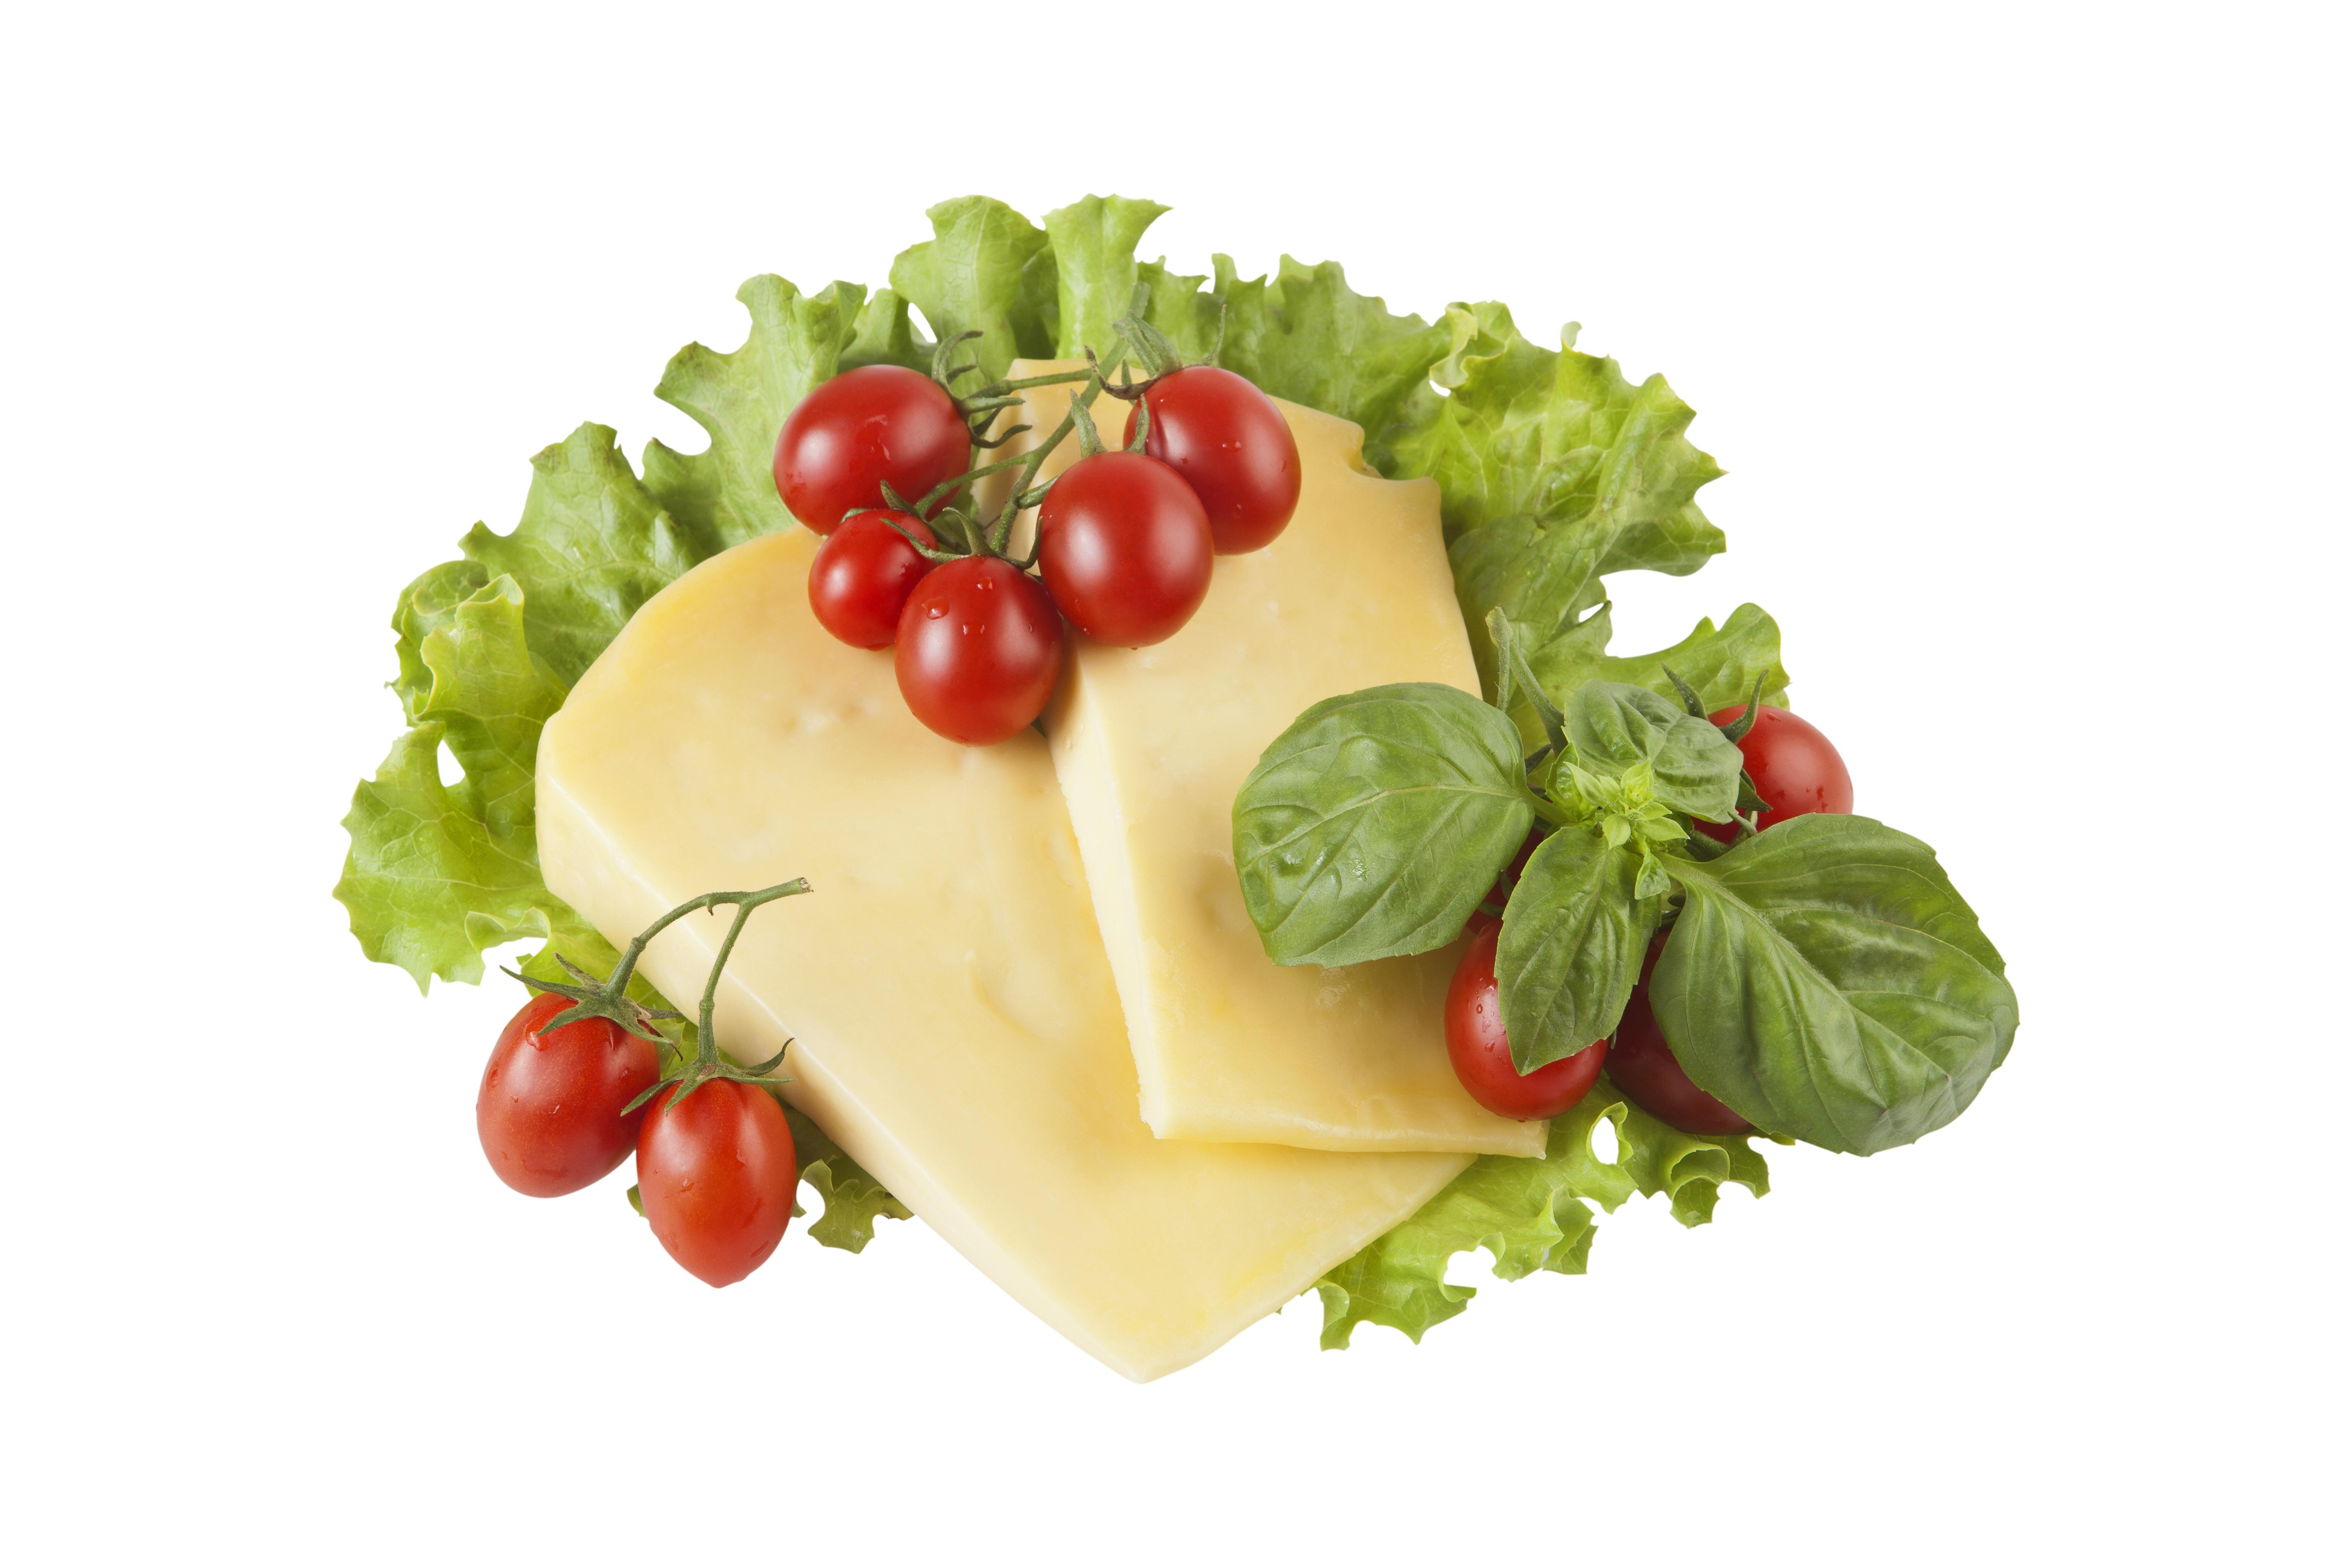 Desktop Hintergrundbilder Tomaten Käse Geschnitten Lebensmittel Weißer hintergrund Tomate das Essen geschnittene geschnittenes